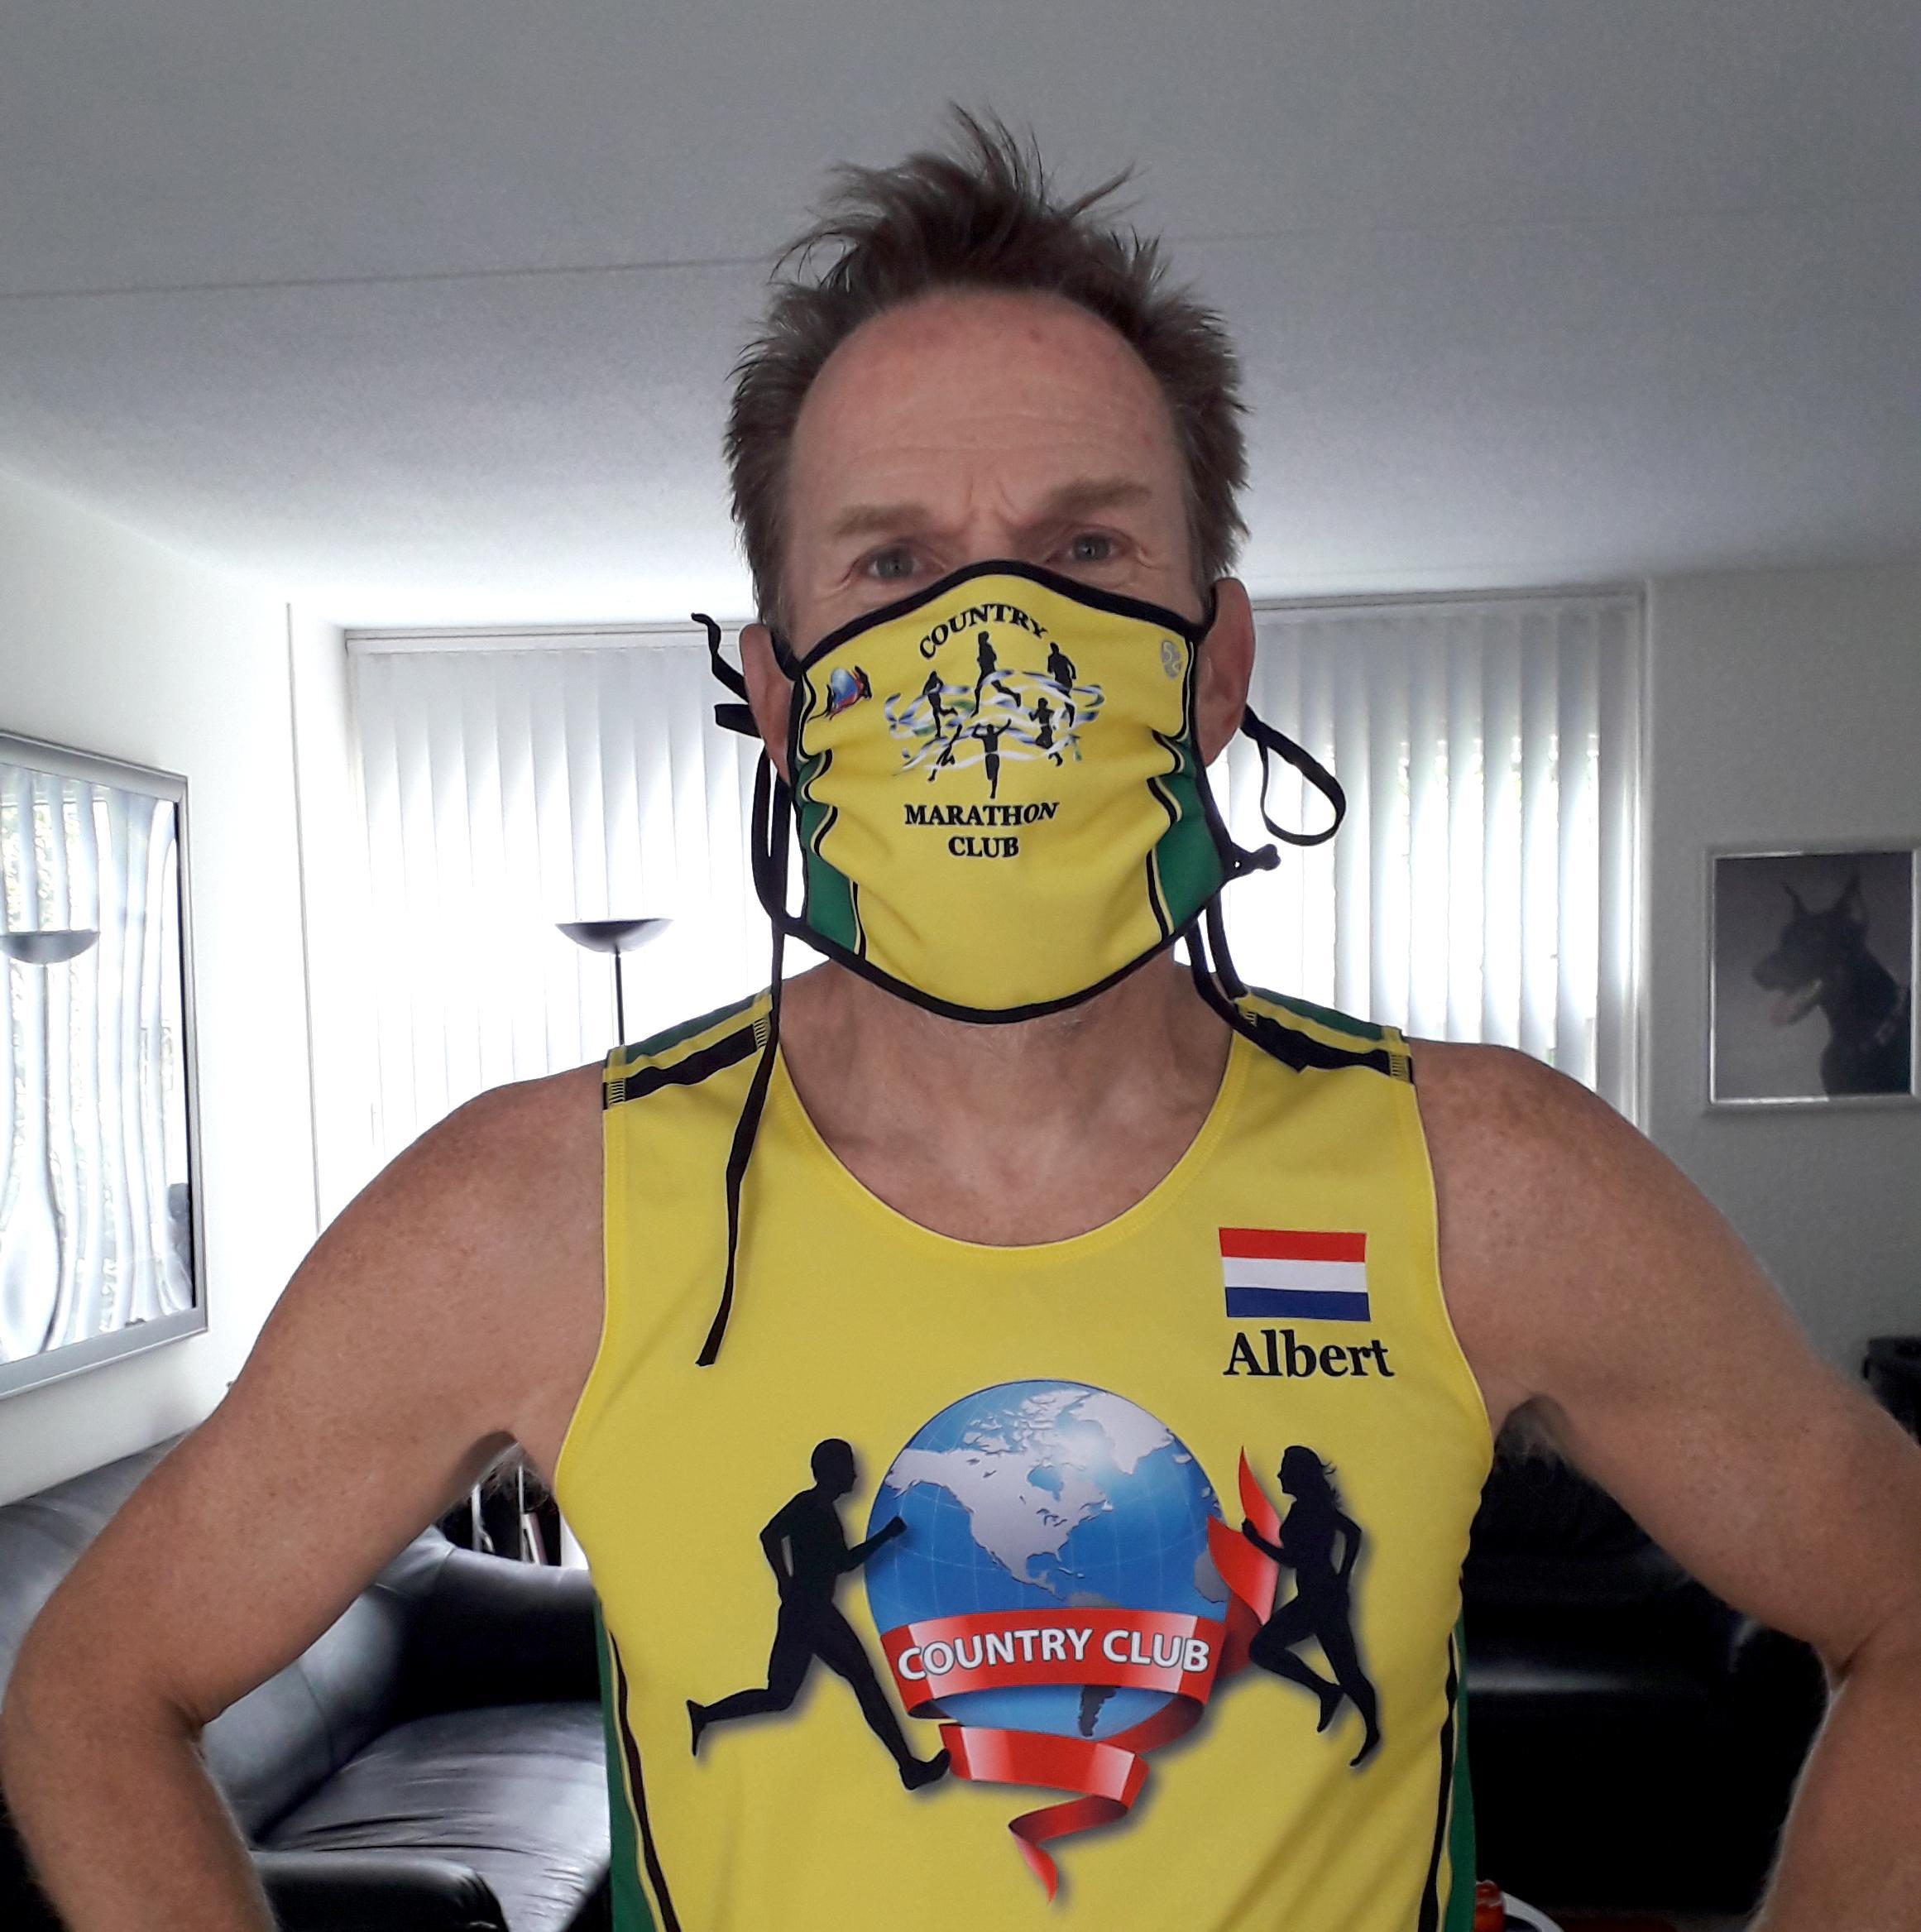 'Een mondkapje van de Country Marathon Club is niet voor iedereen weggelegd': Albert Meijer loopt 163 marathons in 44 landen